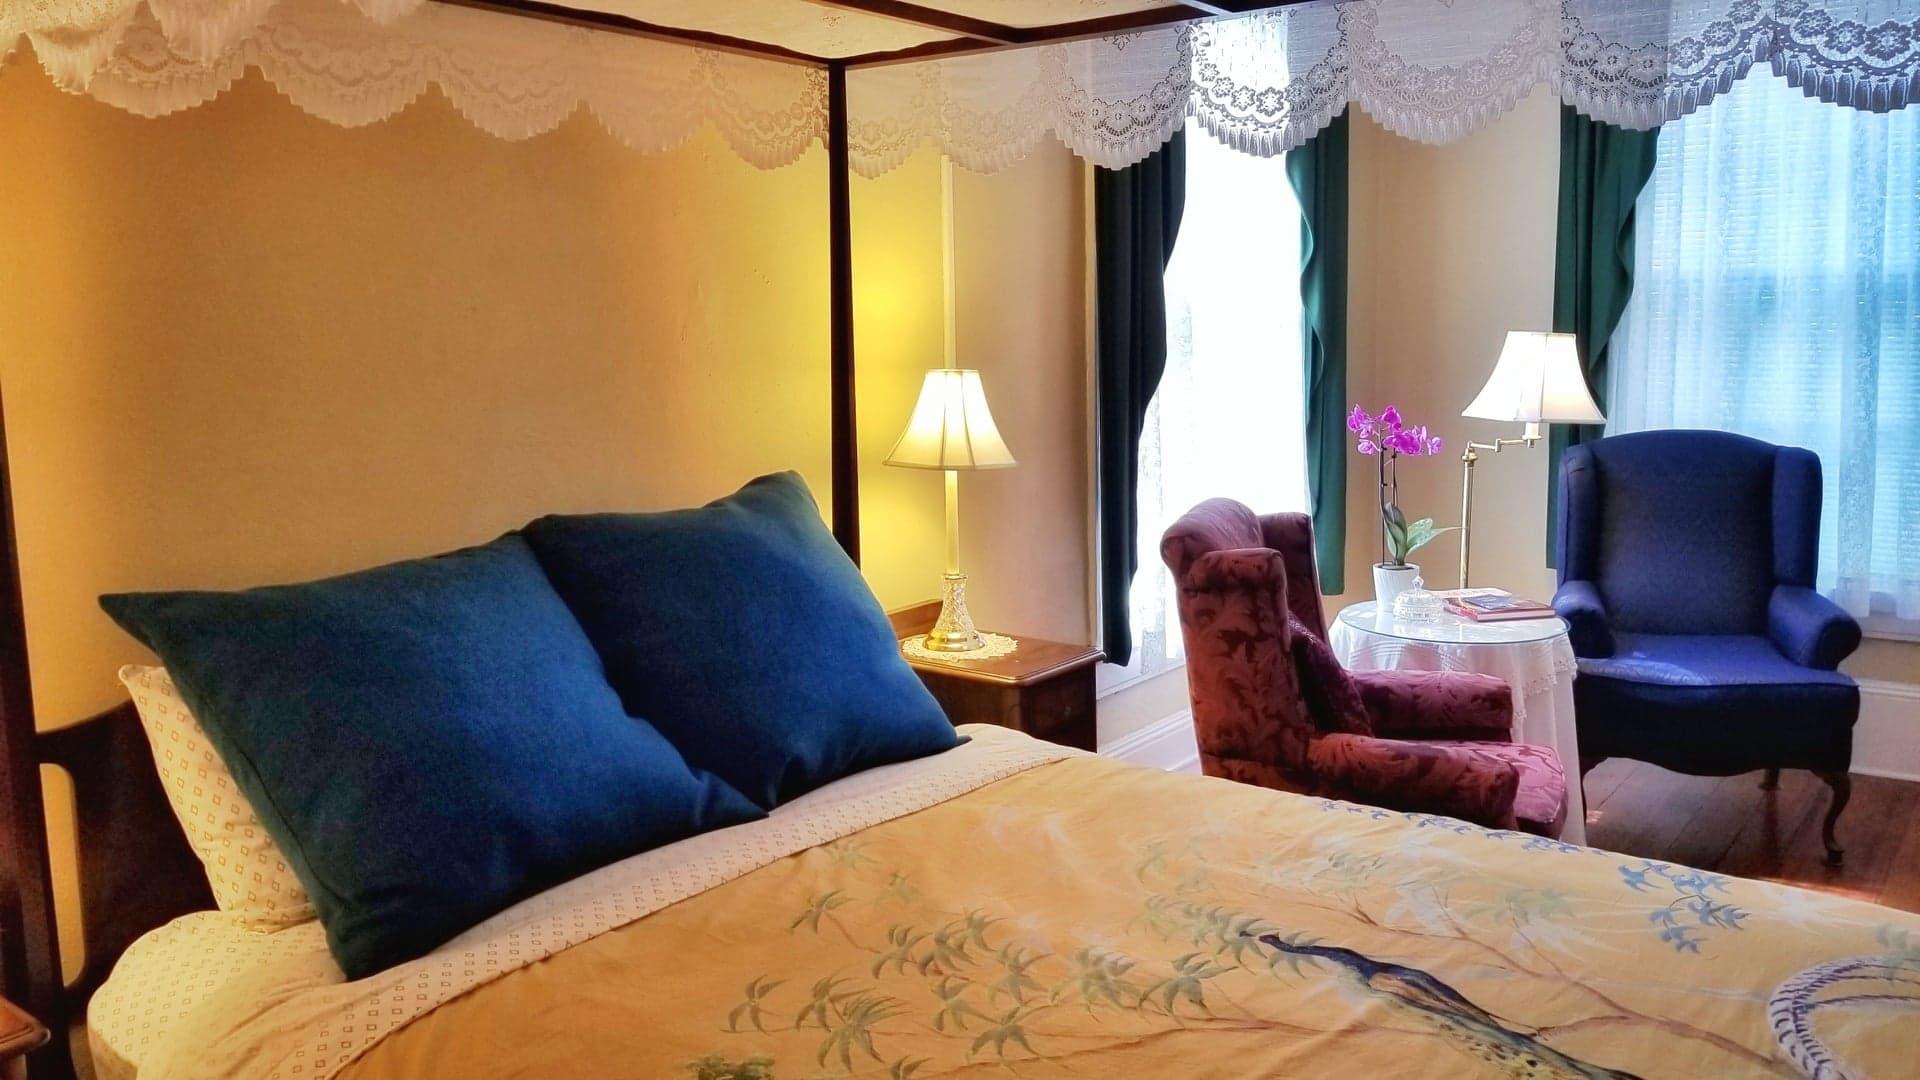 The Govenor's Room